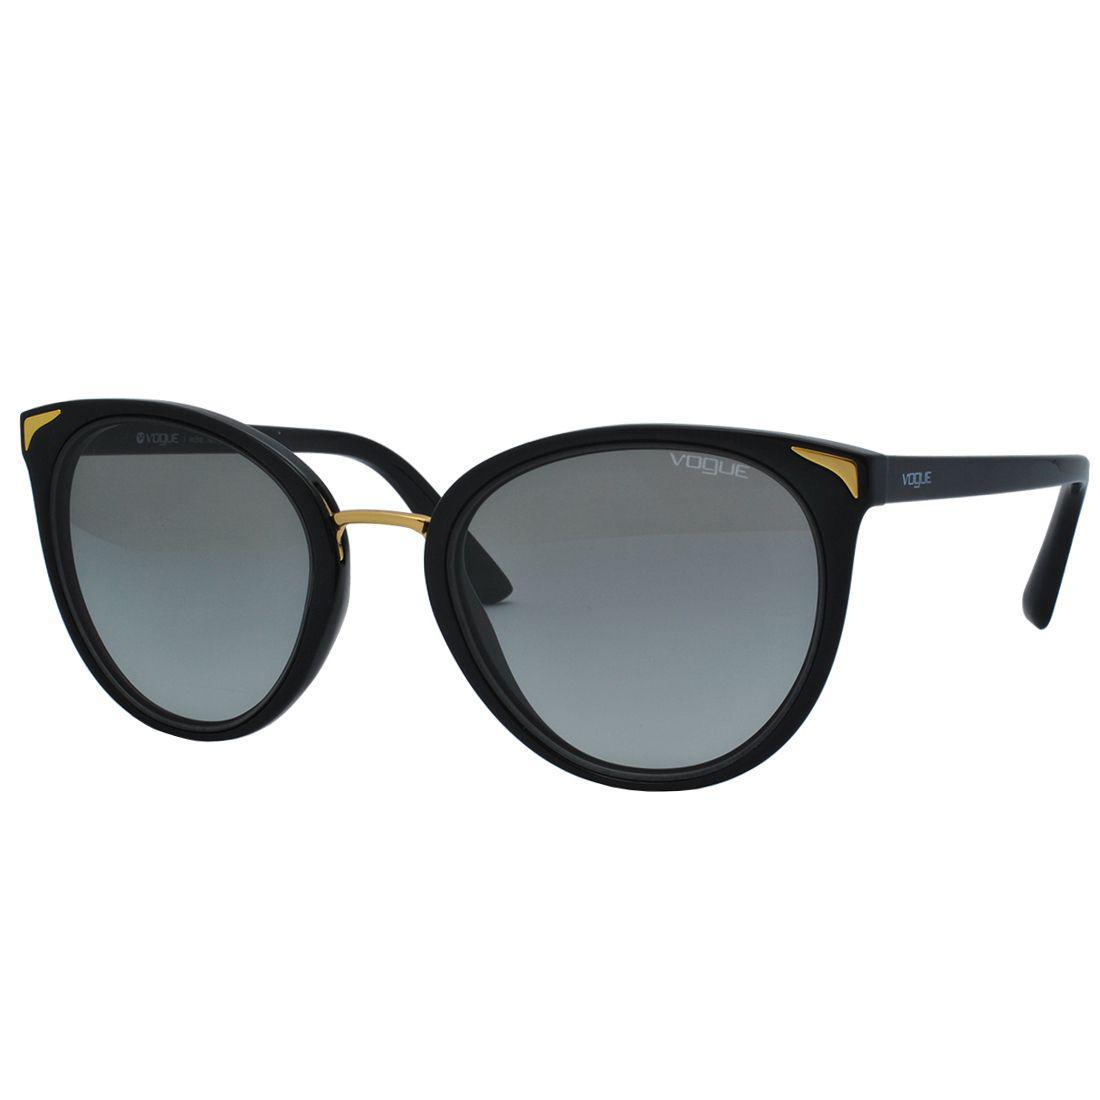 f07ac16e134b6 Óculos de Sol Vogue Feminino VO5230SL W44 11 - Acetato Preto e Lente Cinza R   456